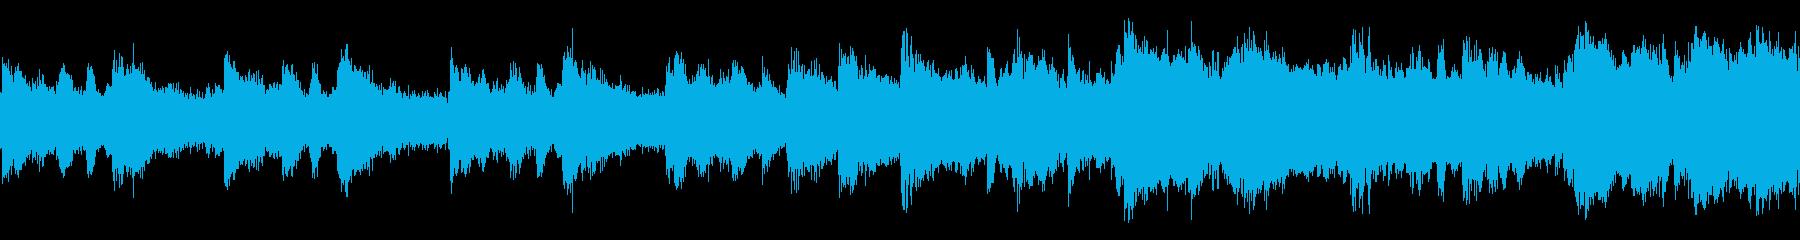 おだやか/琴/尺八/静かめ/イントロのみの再生済みの波形